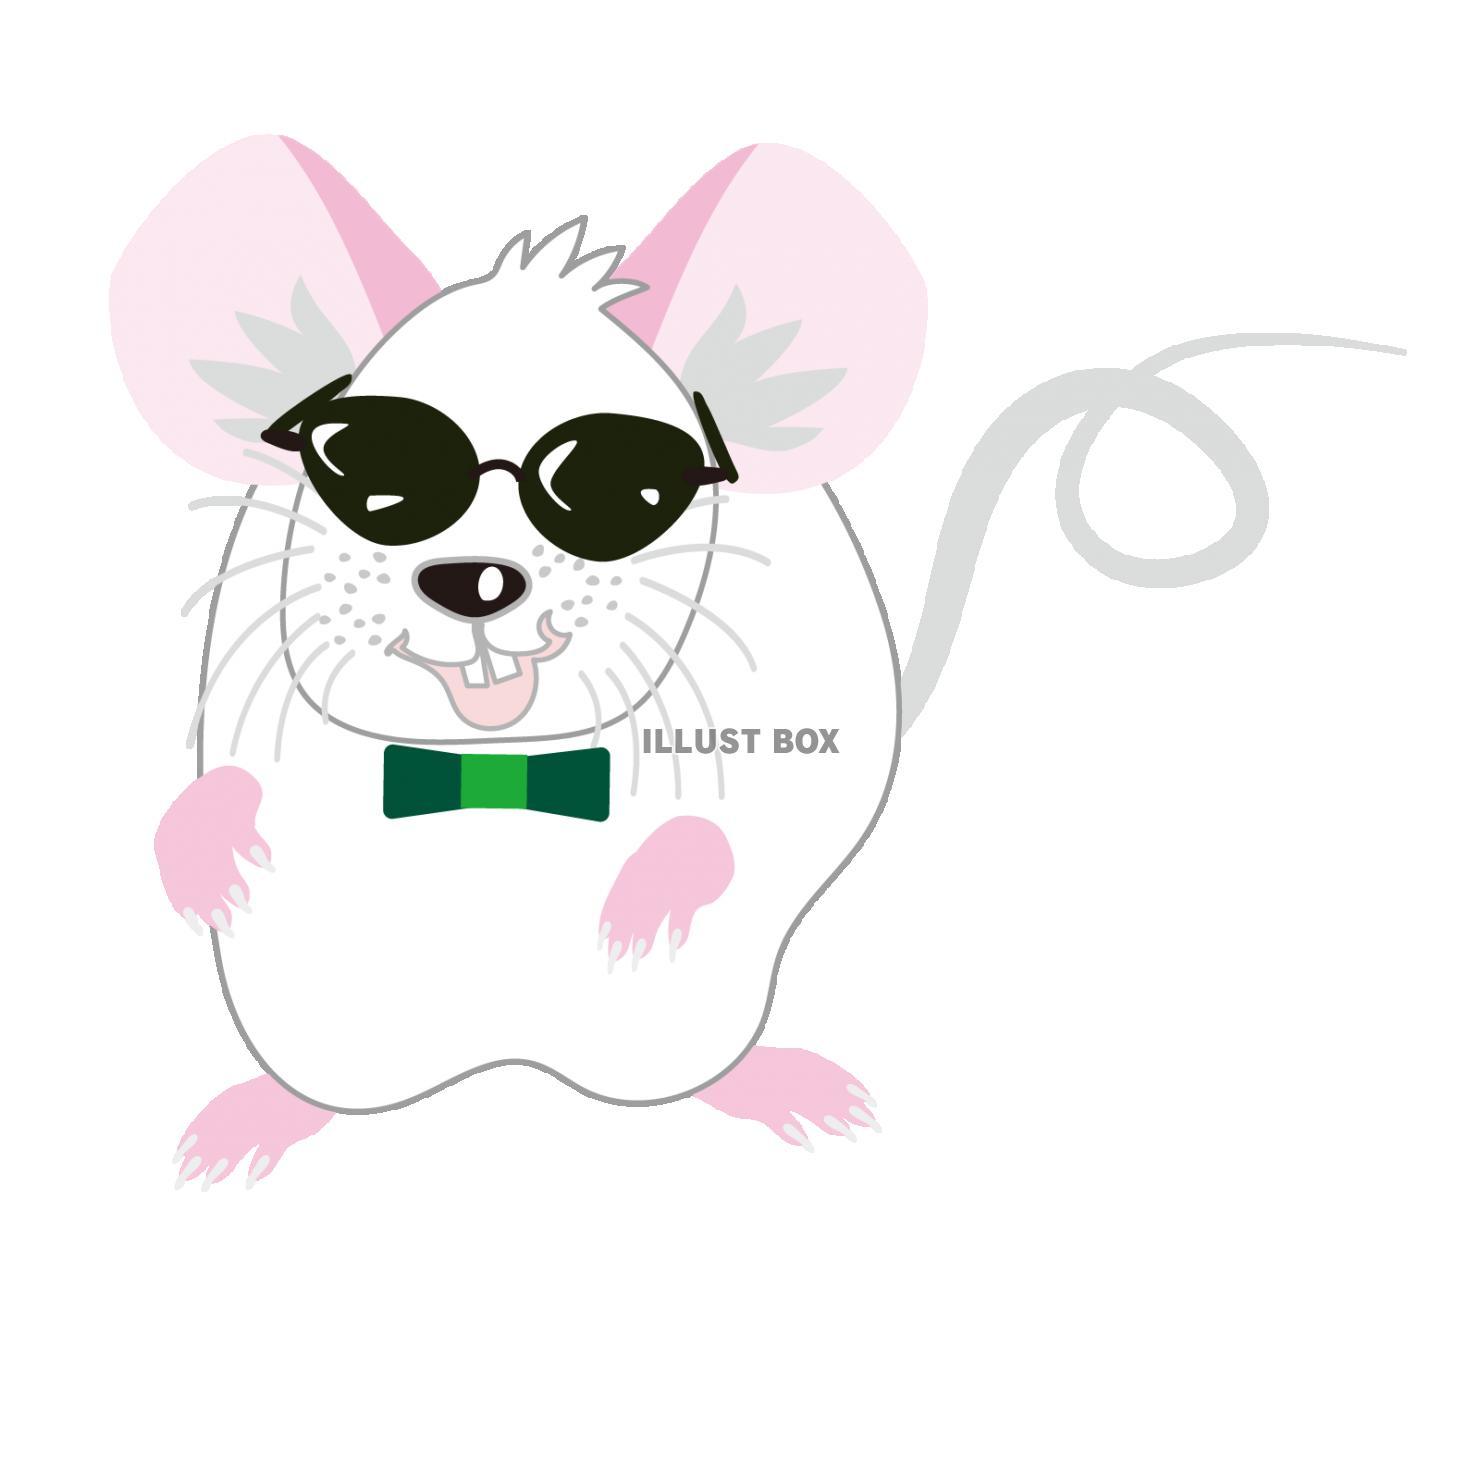 無料イラスト ネズミの可愛いイラスト 2020年子年の年賀状素材